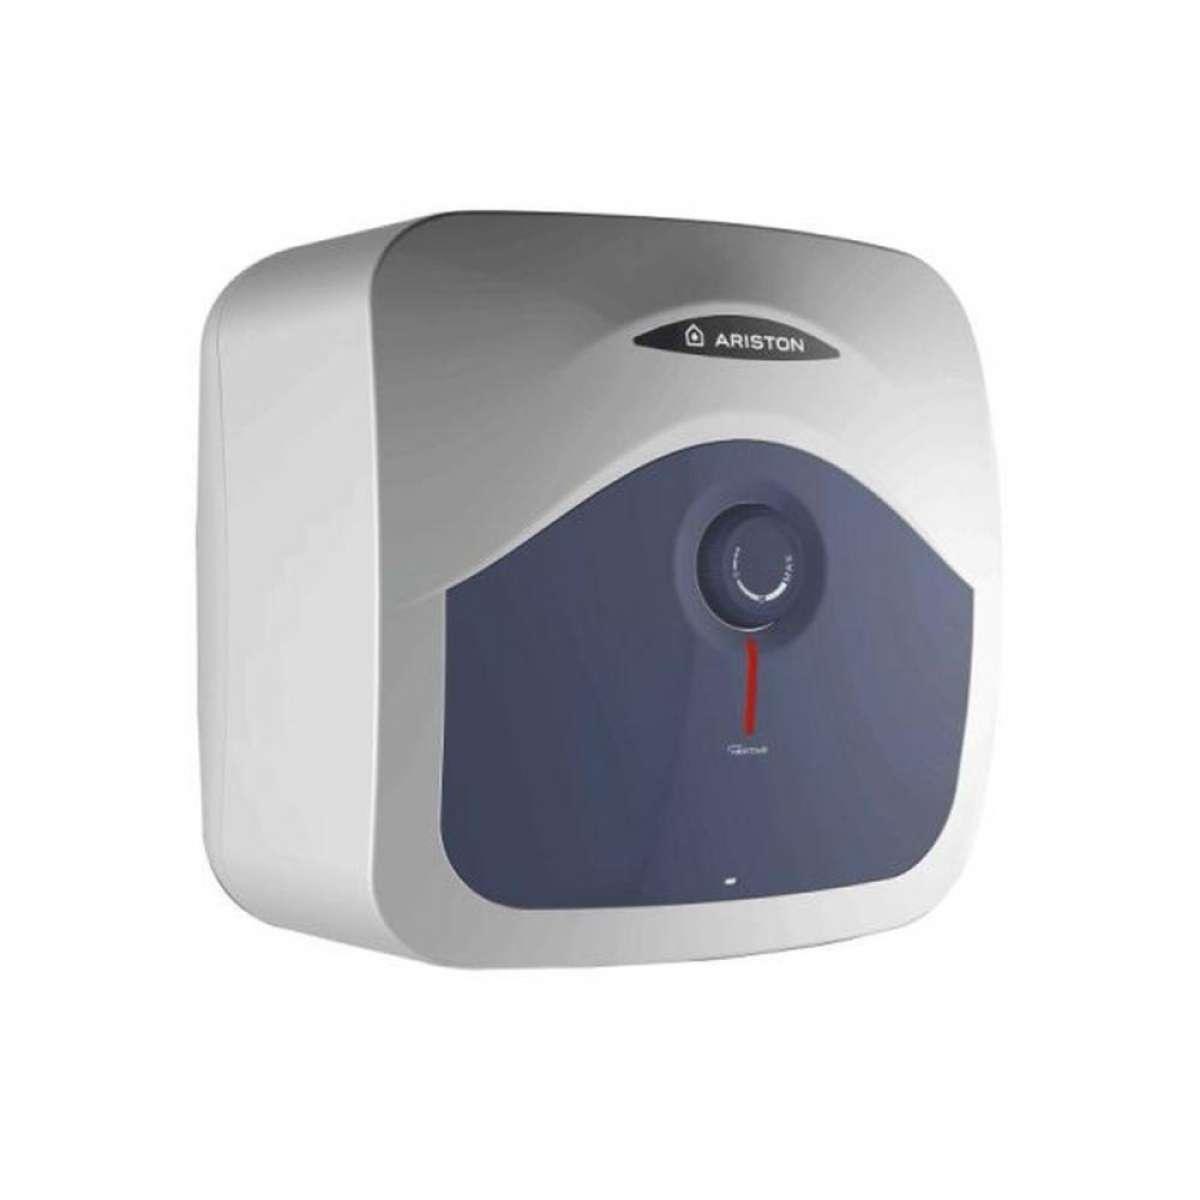 Bảng giá Bình nóng lạnh Ariston Blue 30R 2.5 FE, 30 LÍT- CHỐNG GIẬT